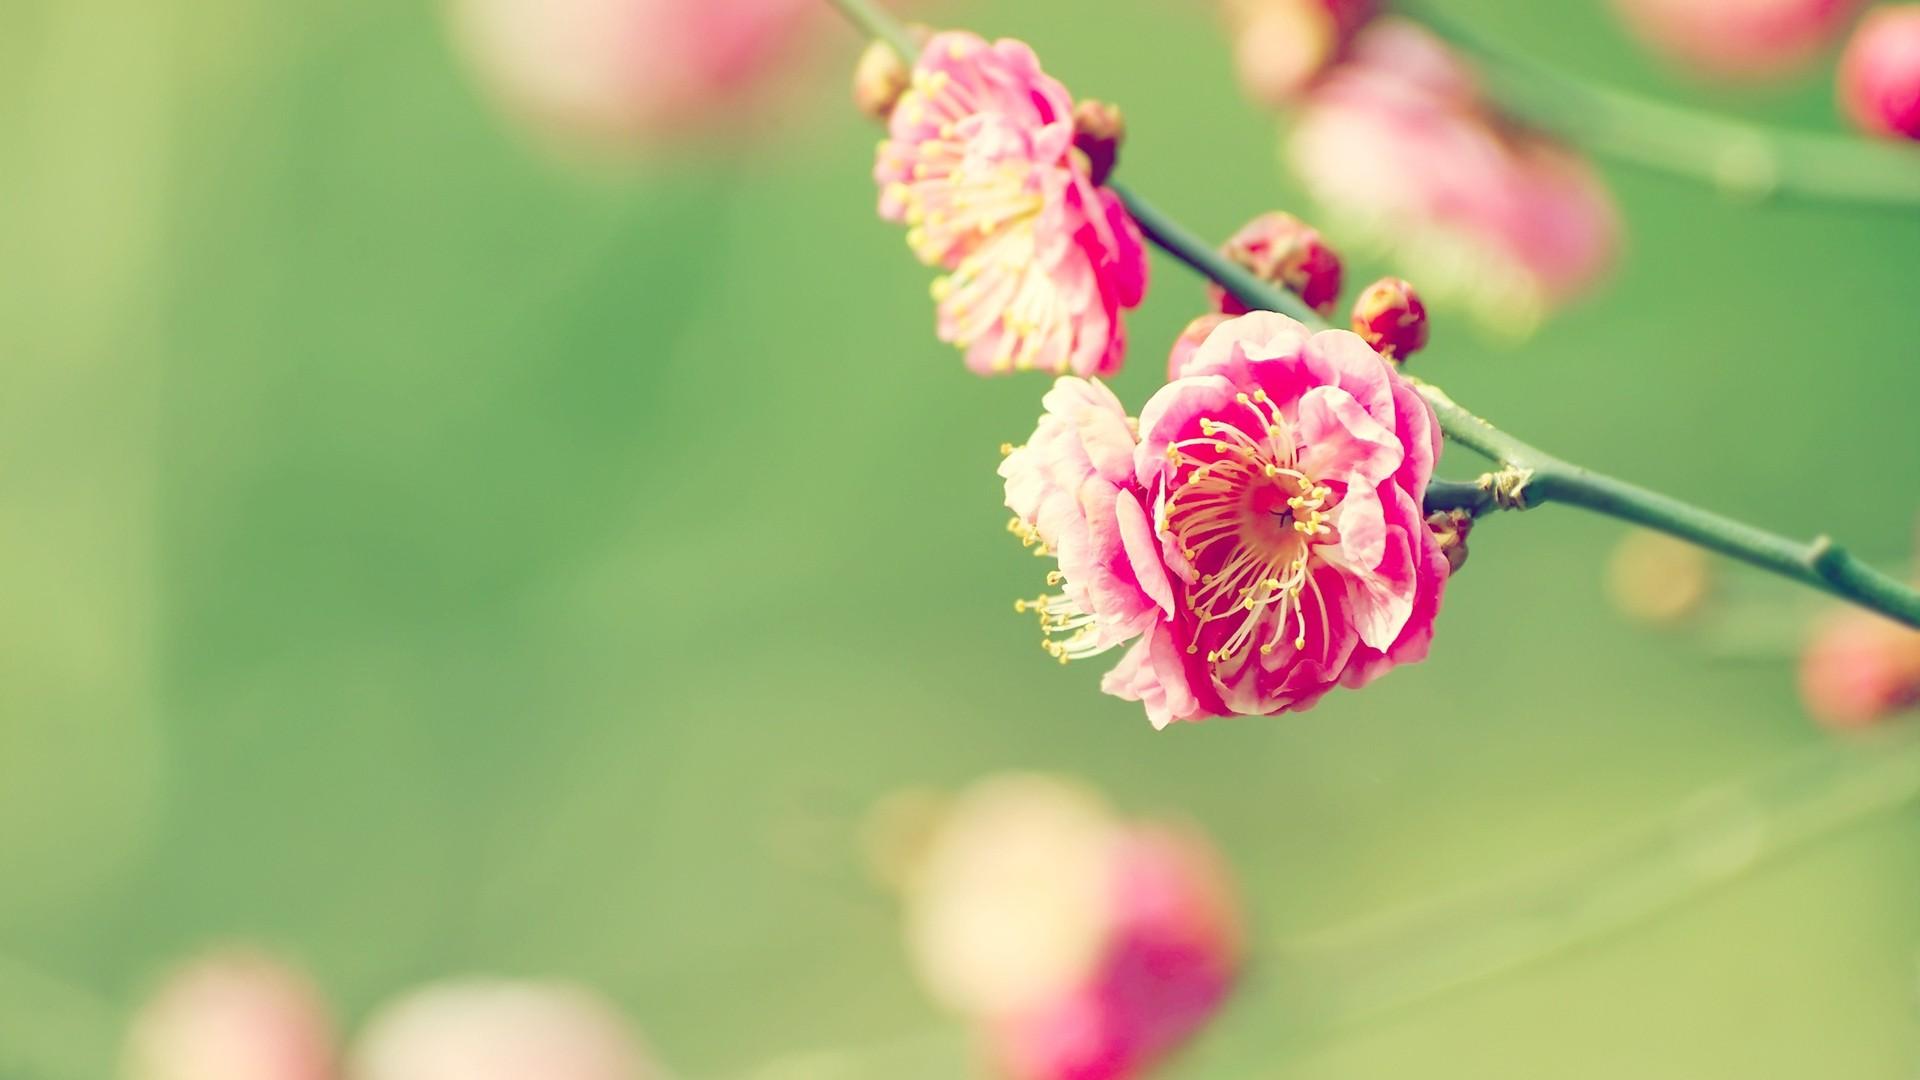 春天里的樱花电脑桌面壁纸 - 社区图酷 - 齐鲁社区 - 山东最大的城市生活社区,山东广播电视台官方社区!